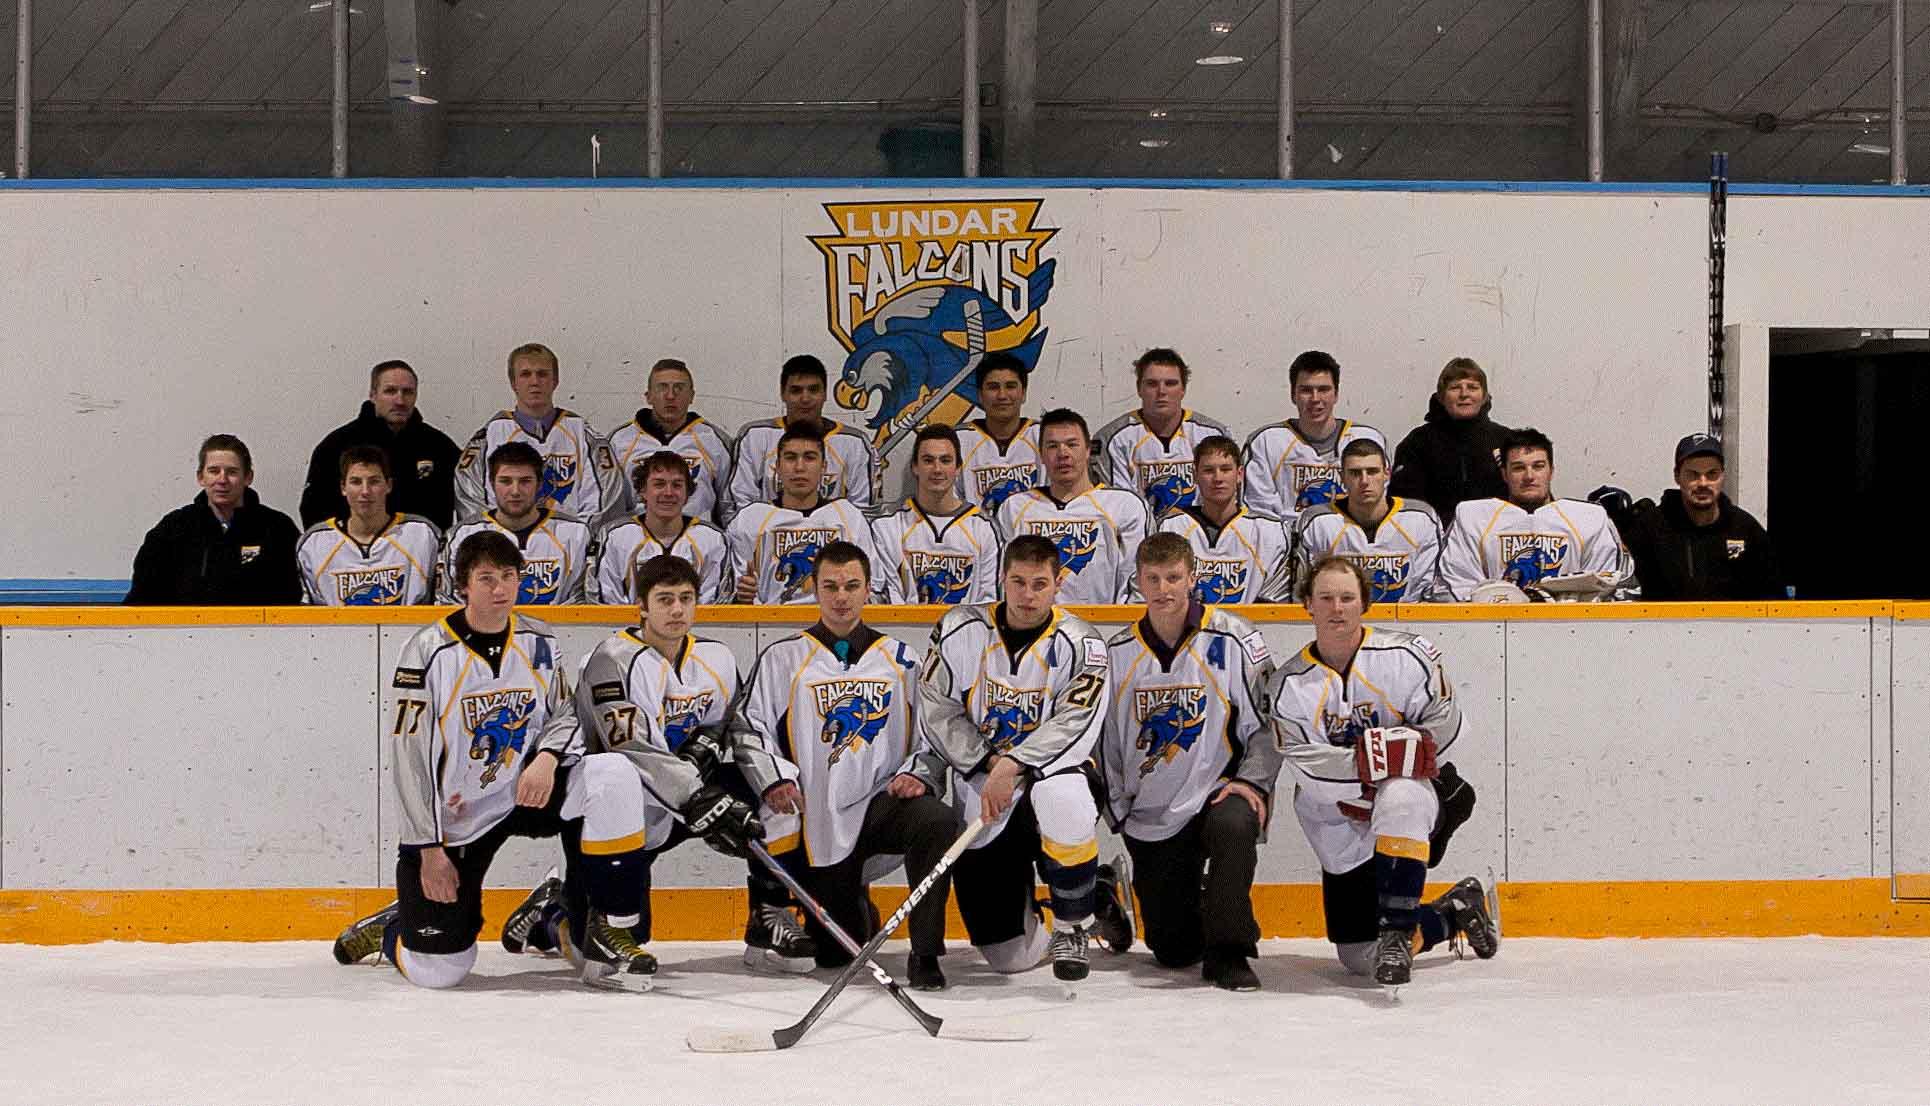 2011-12 KJHL Season